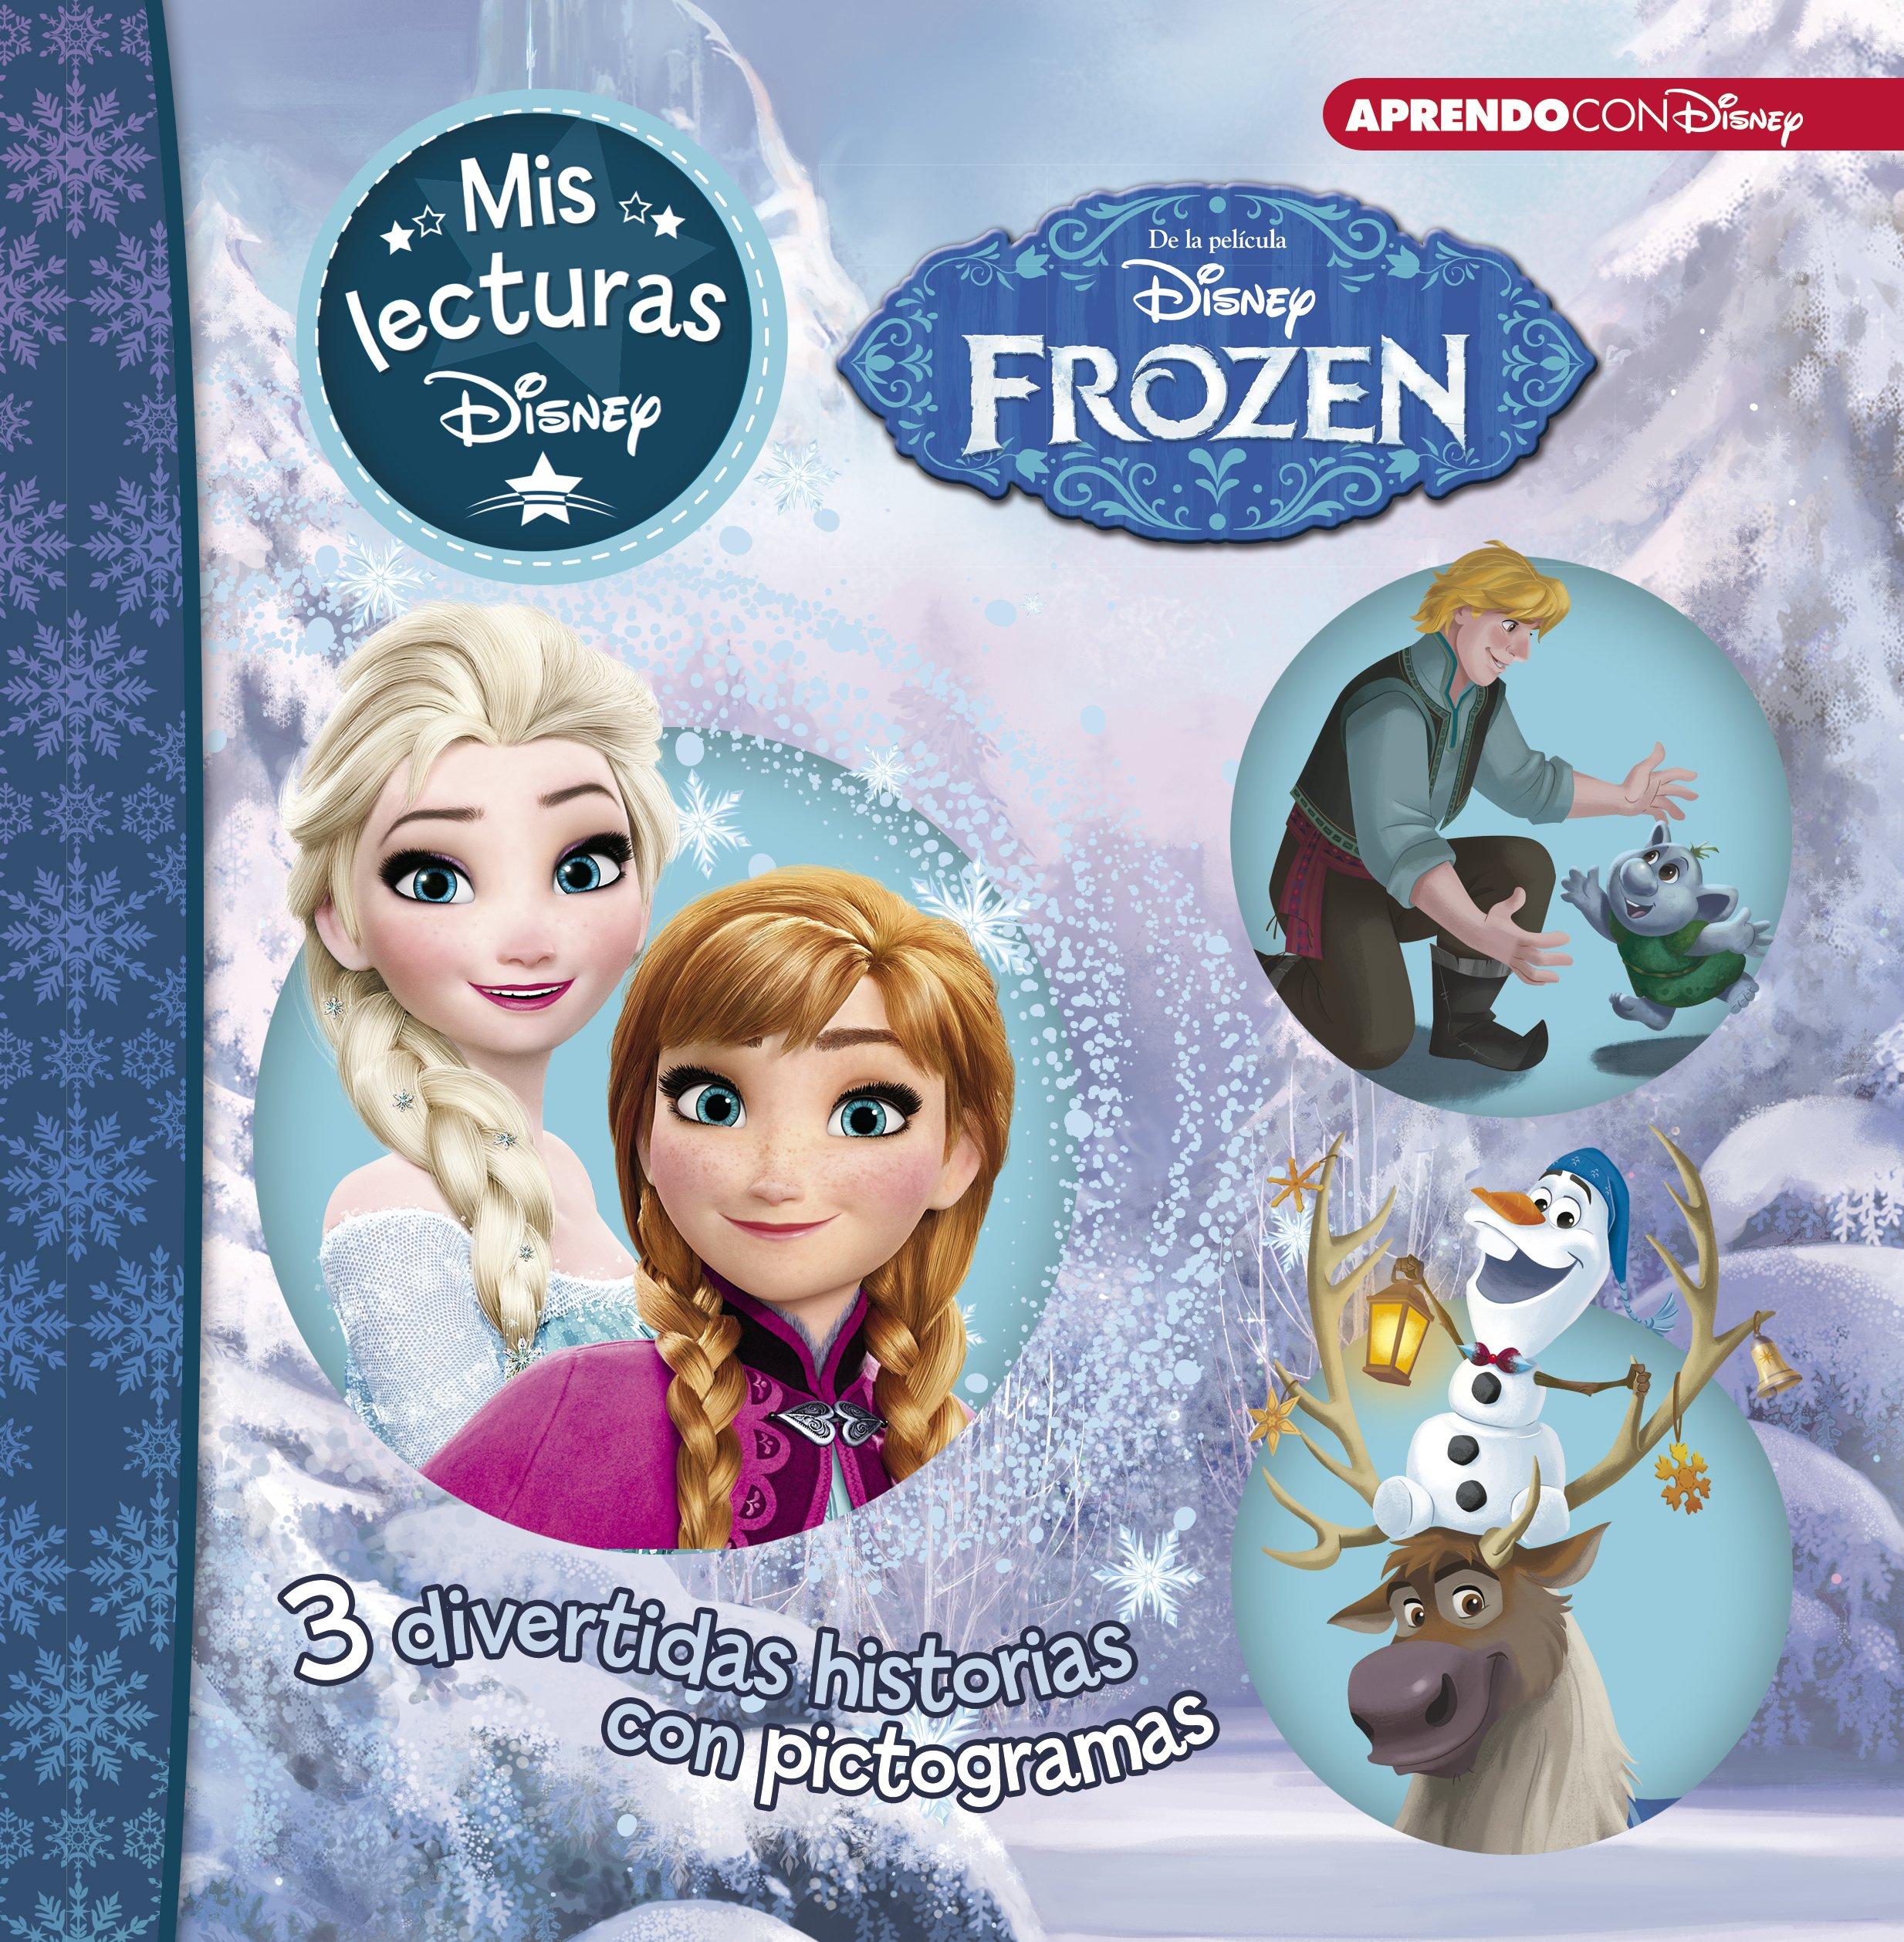 Frozen | Luces de invierno | Una aventura de Olaf (Mis lecturas Disney) (Spanish) Hardcover – 2018